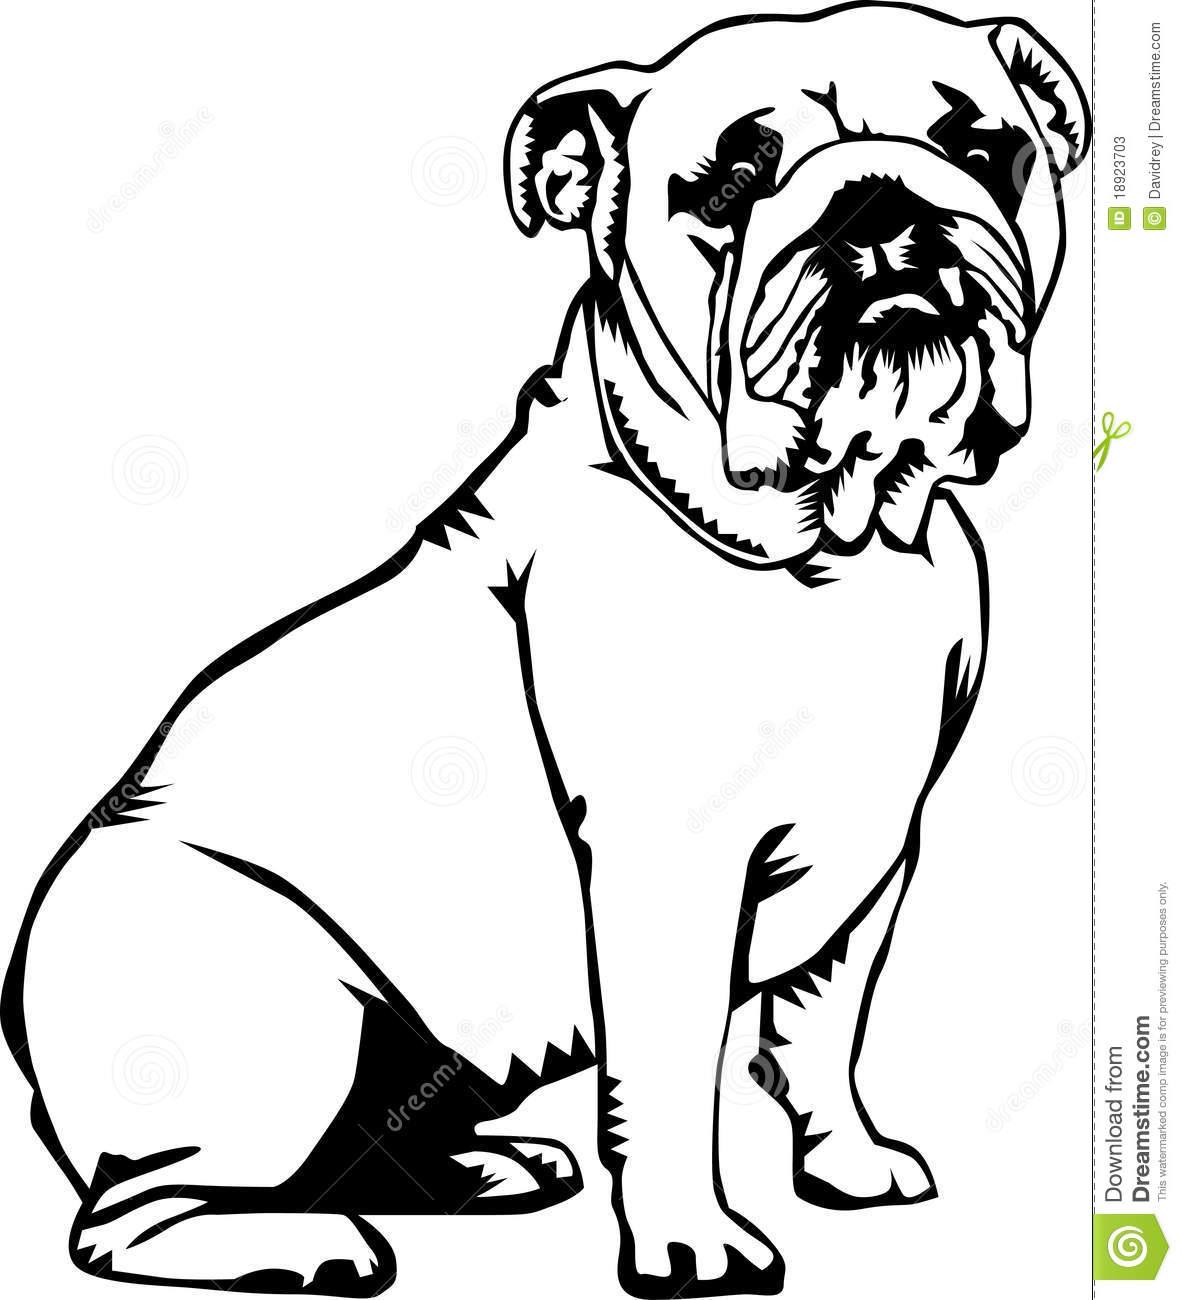 1182x1300 Bulldog Clipart Black And White